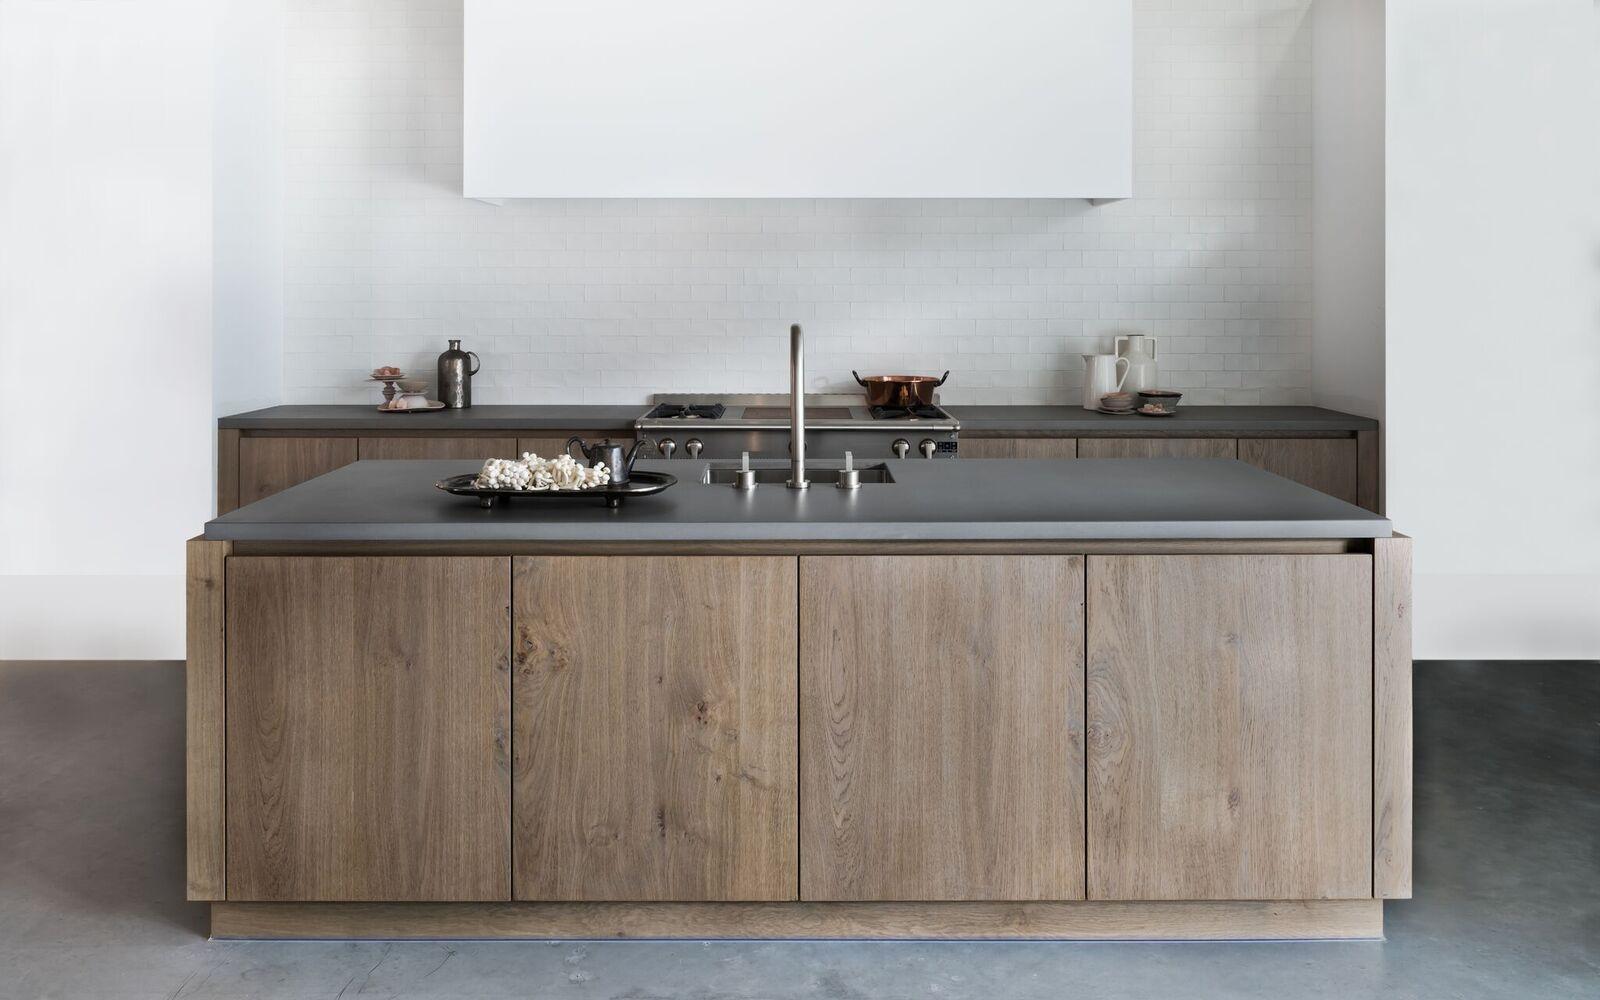 Prachtige keukentegels ontworpen door Studio Piet Boon - Nieuws ...